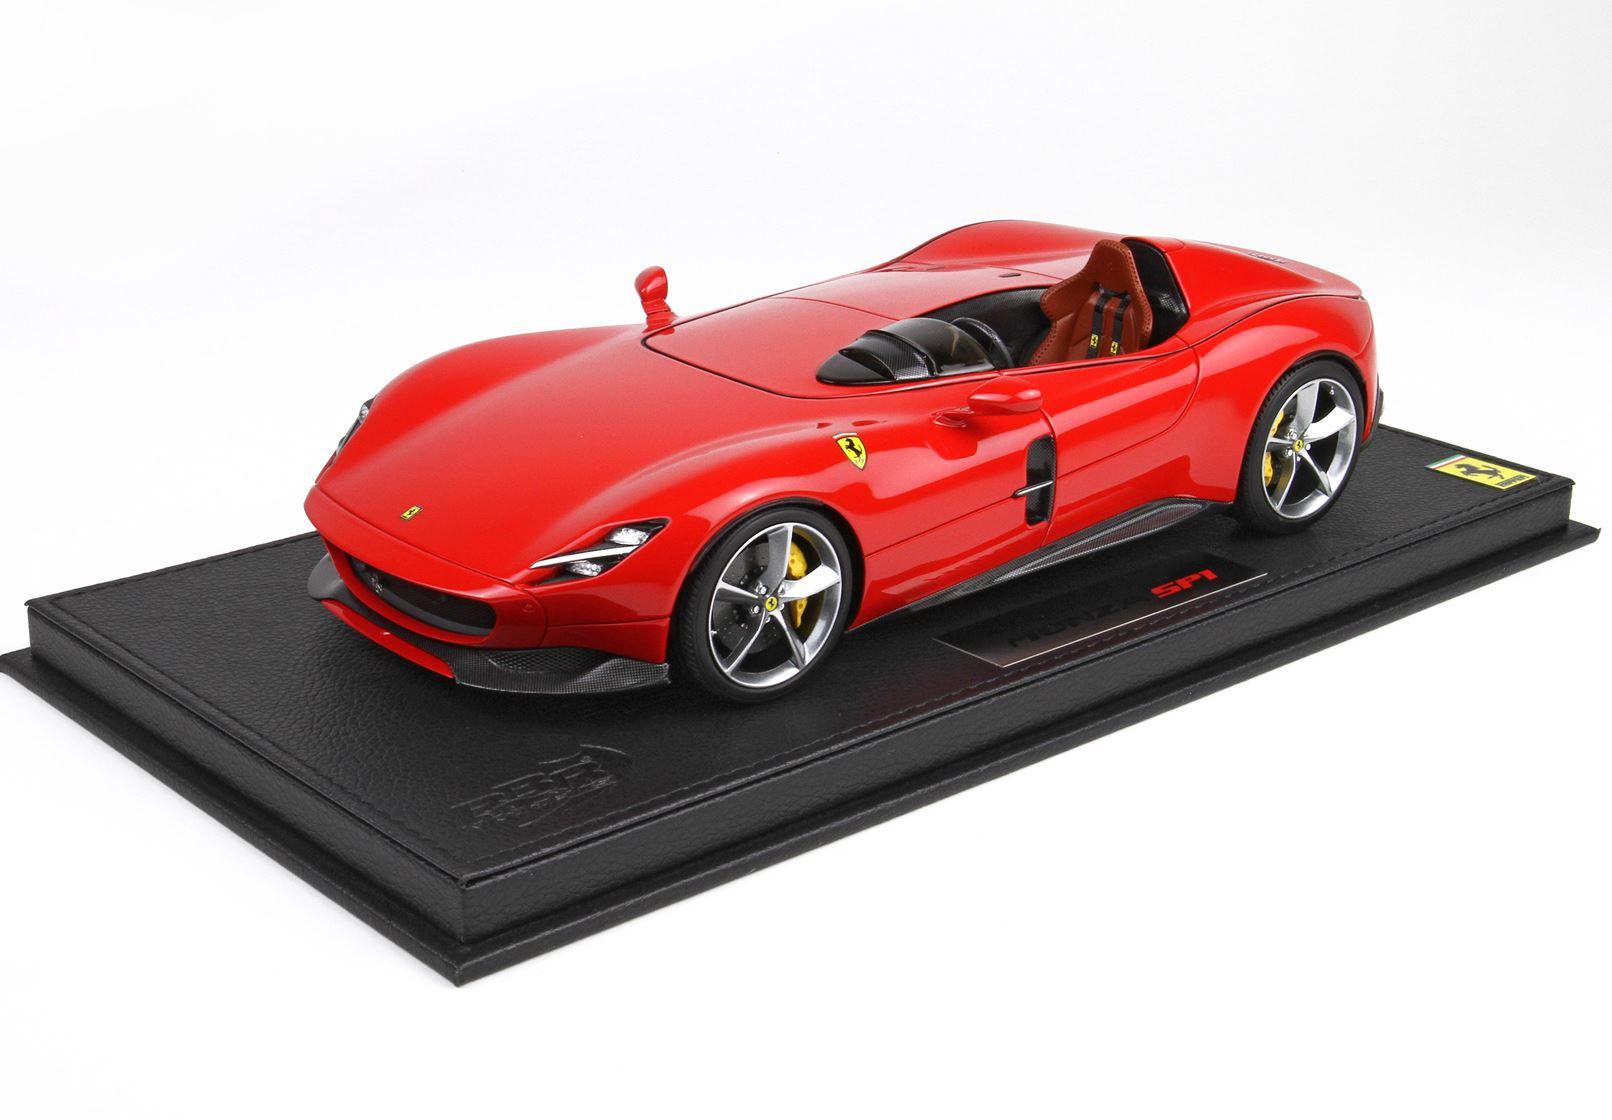 Ferrari Monza SP1 2018 Rosso Corsa 322 48 Pieces 1/18